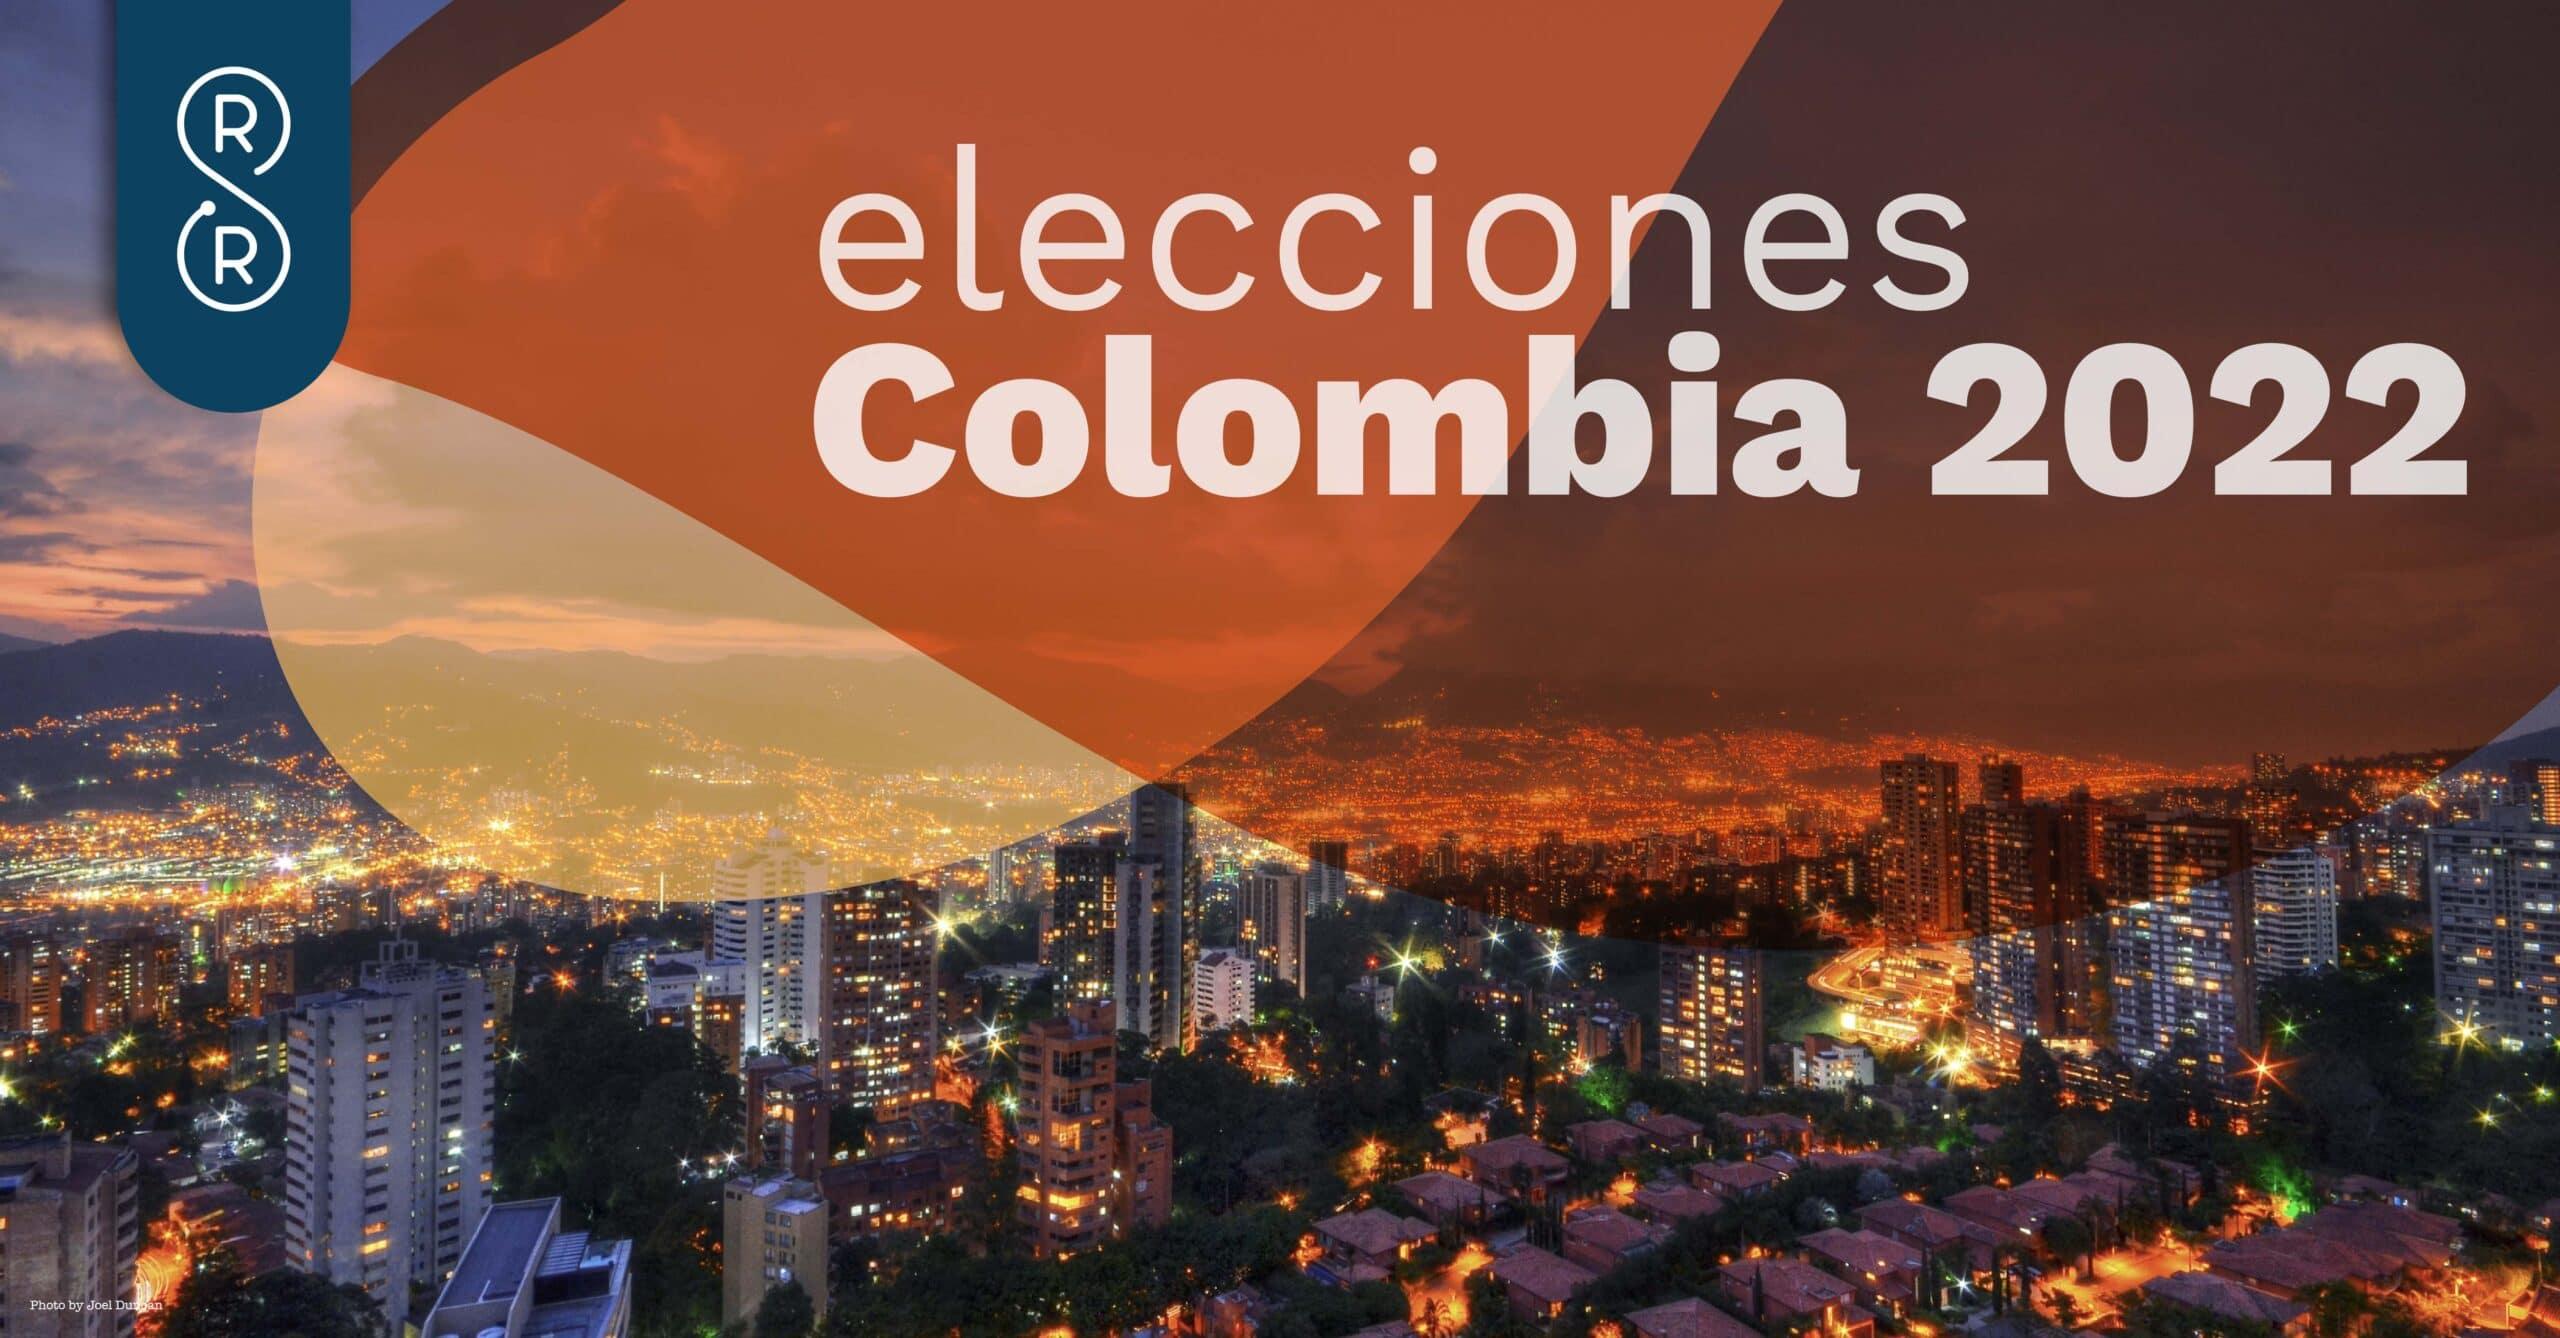 elecciones colombia 2022